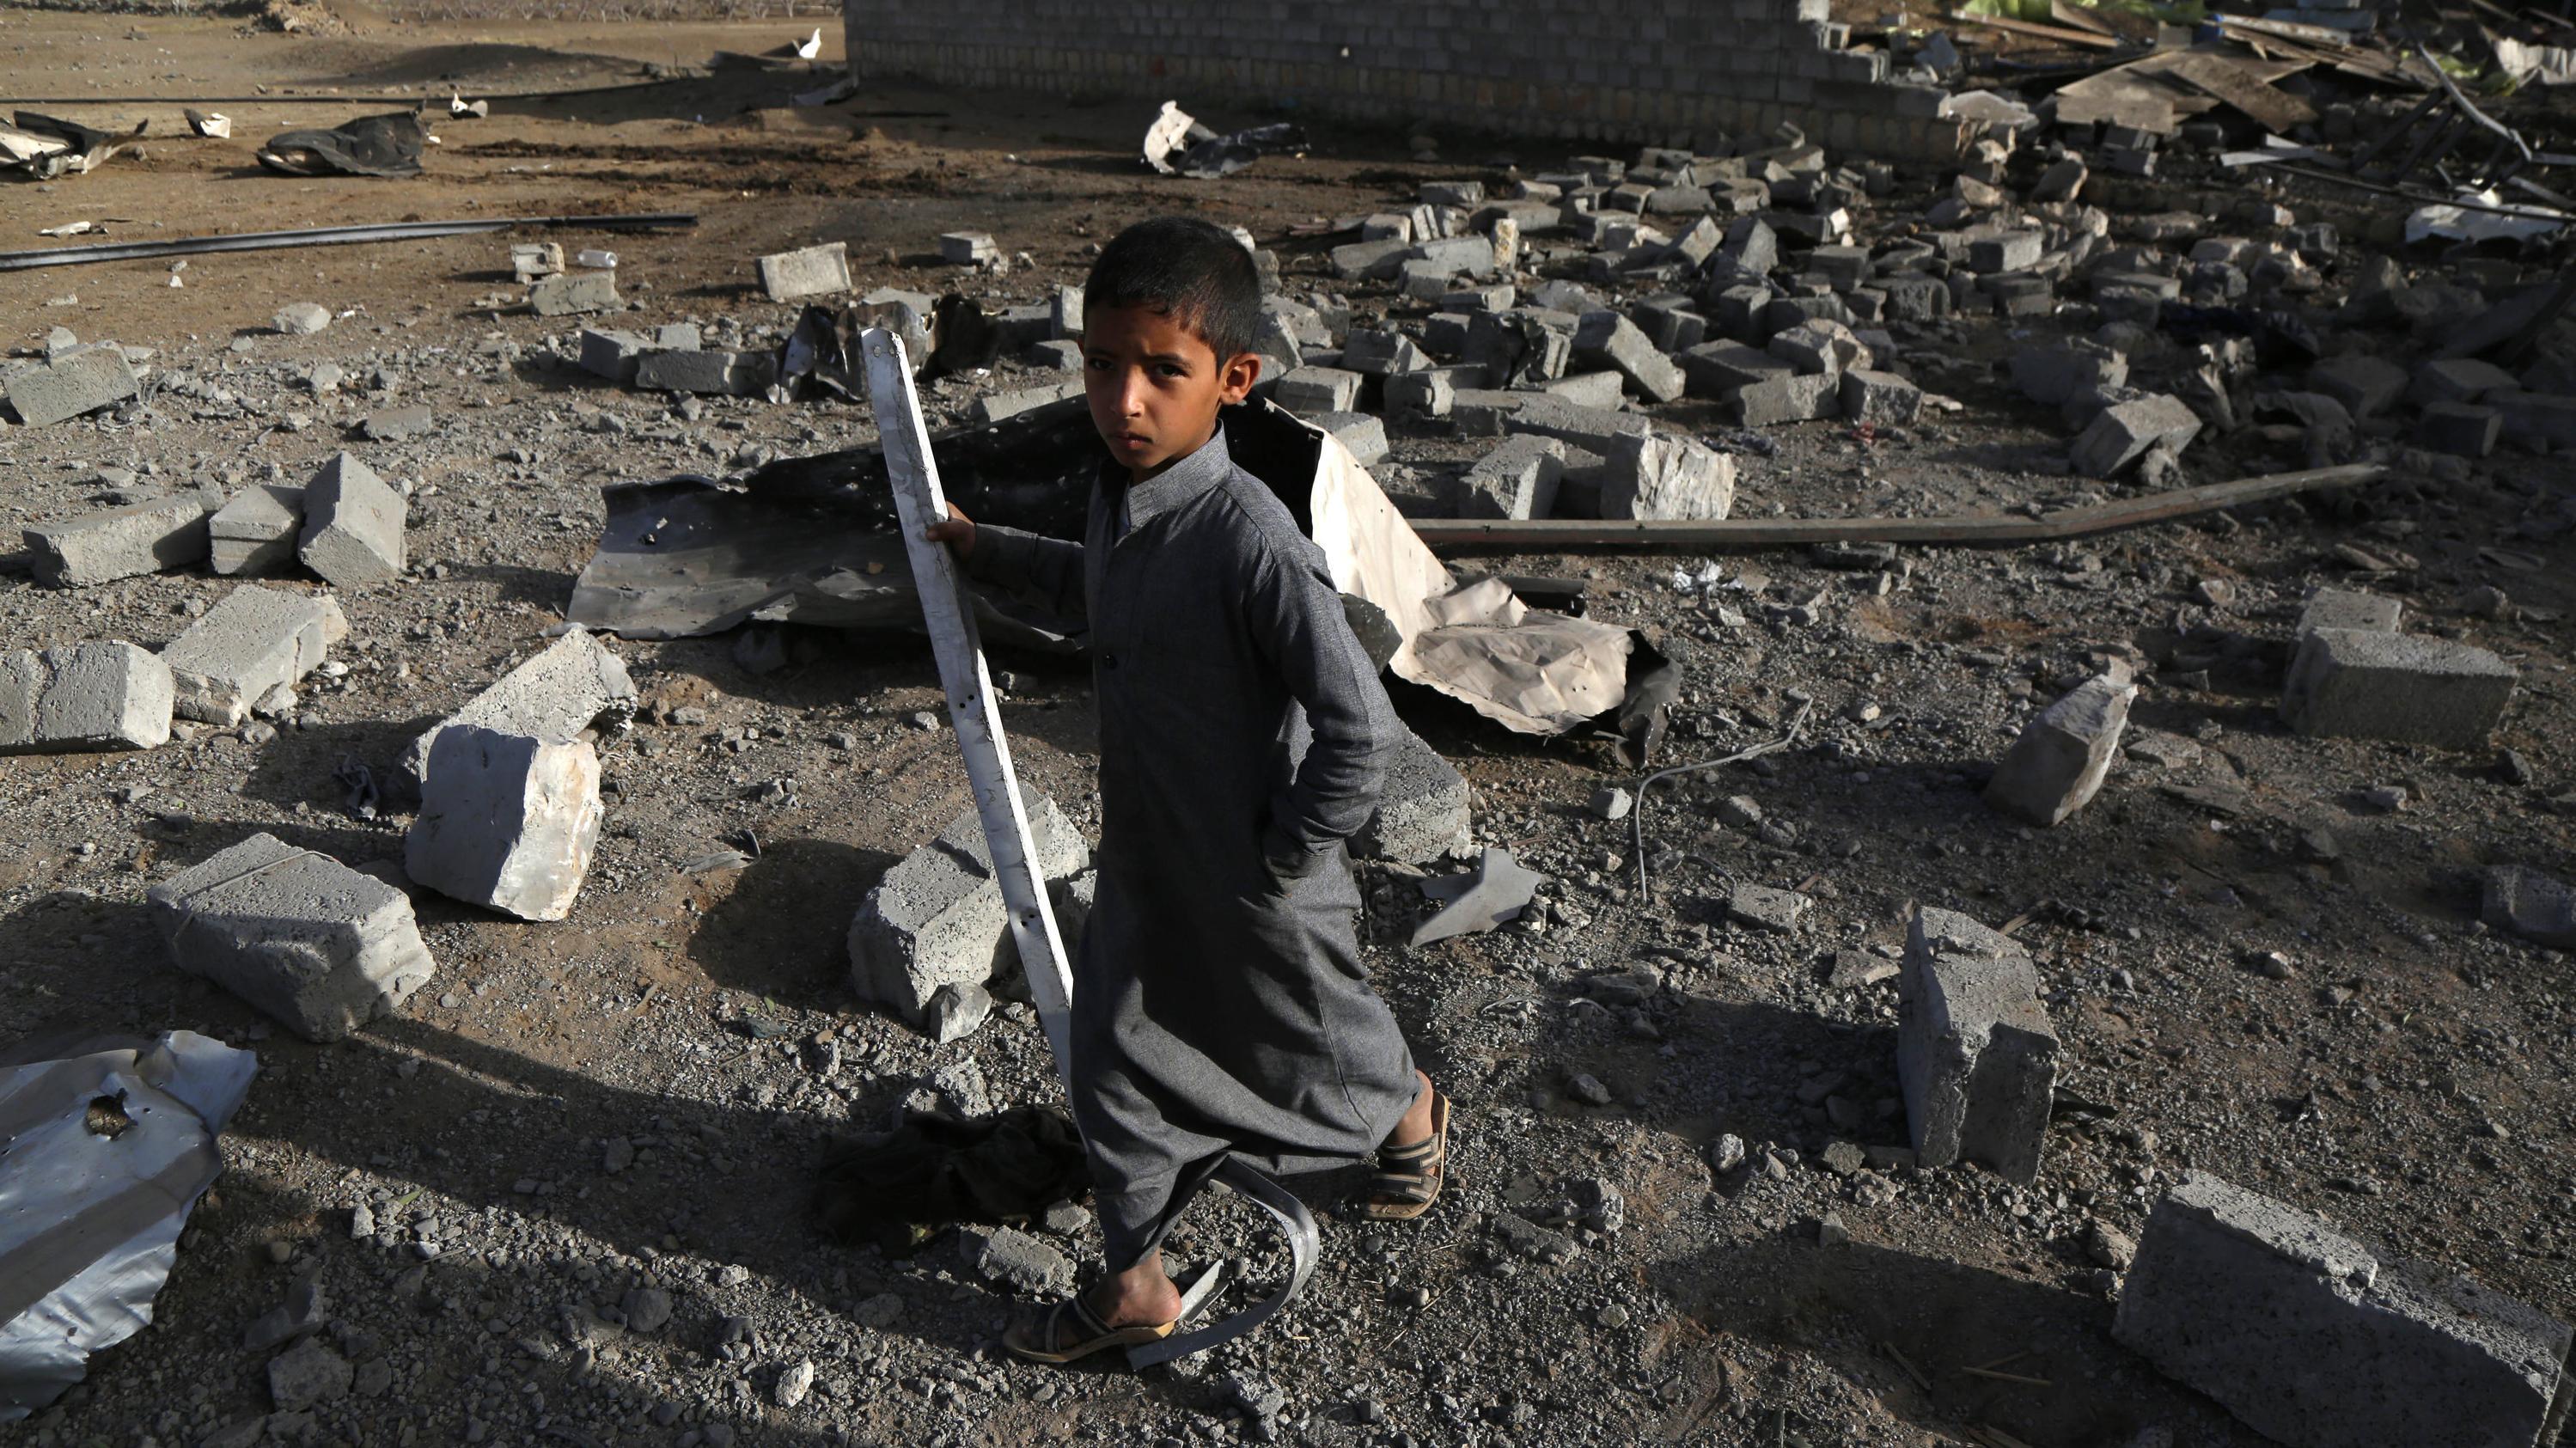 Jemen: Ein kleiner Junge steht in einer Trümmerlandschaft nach einem Luftangriff.